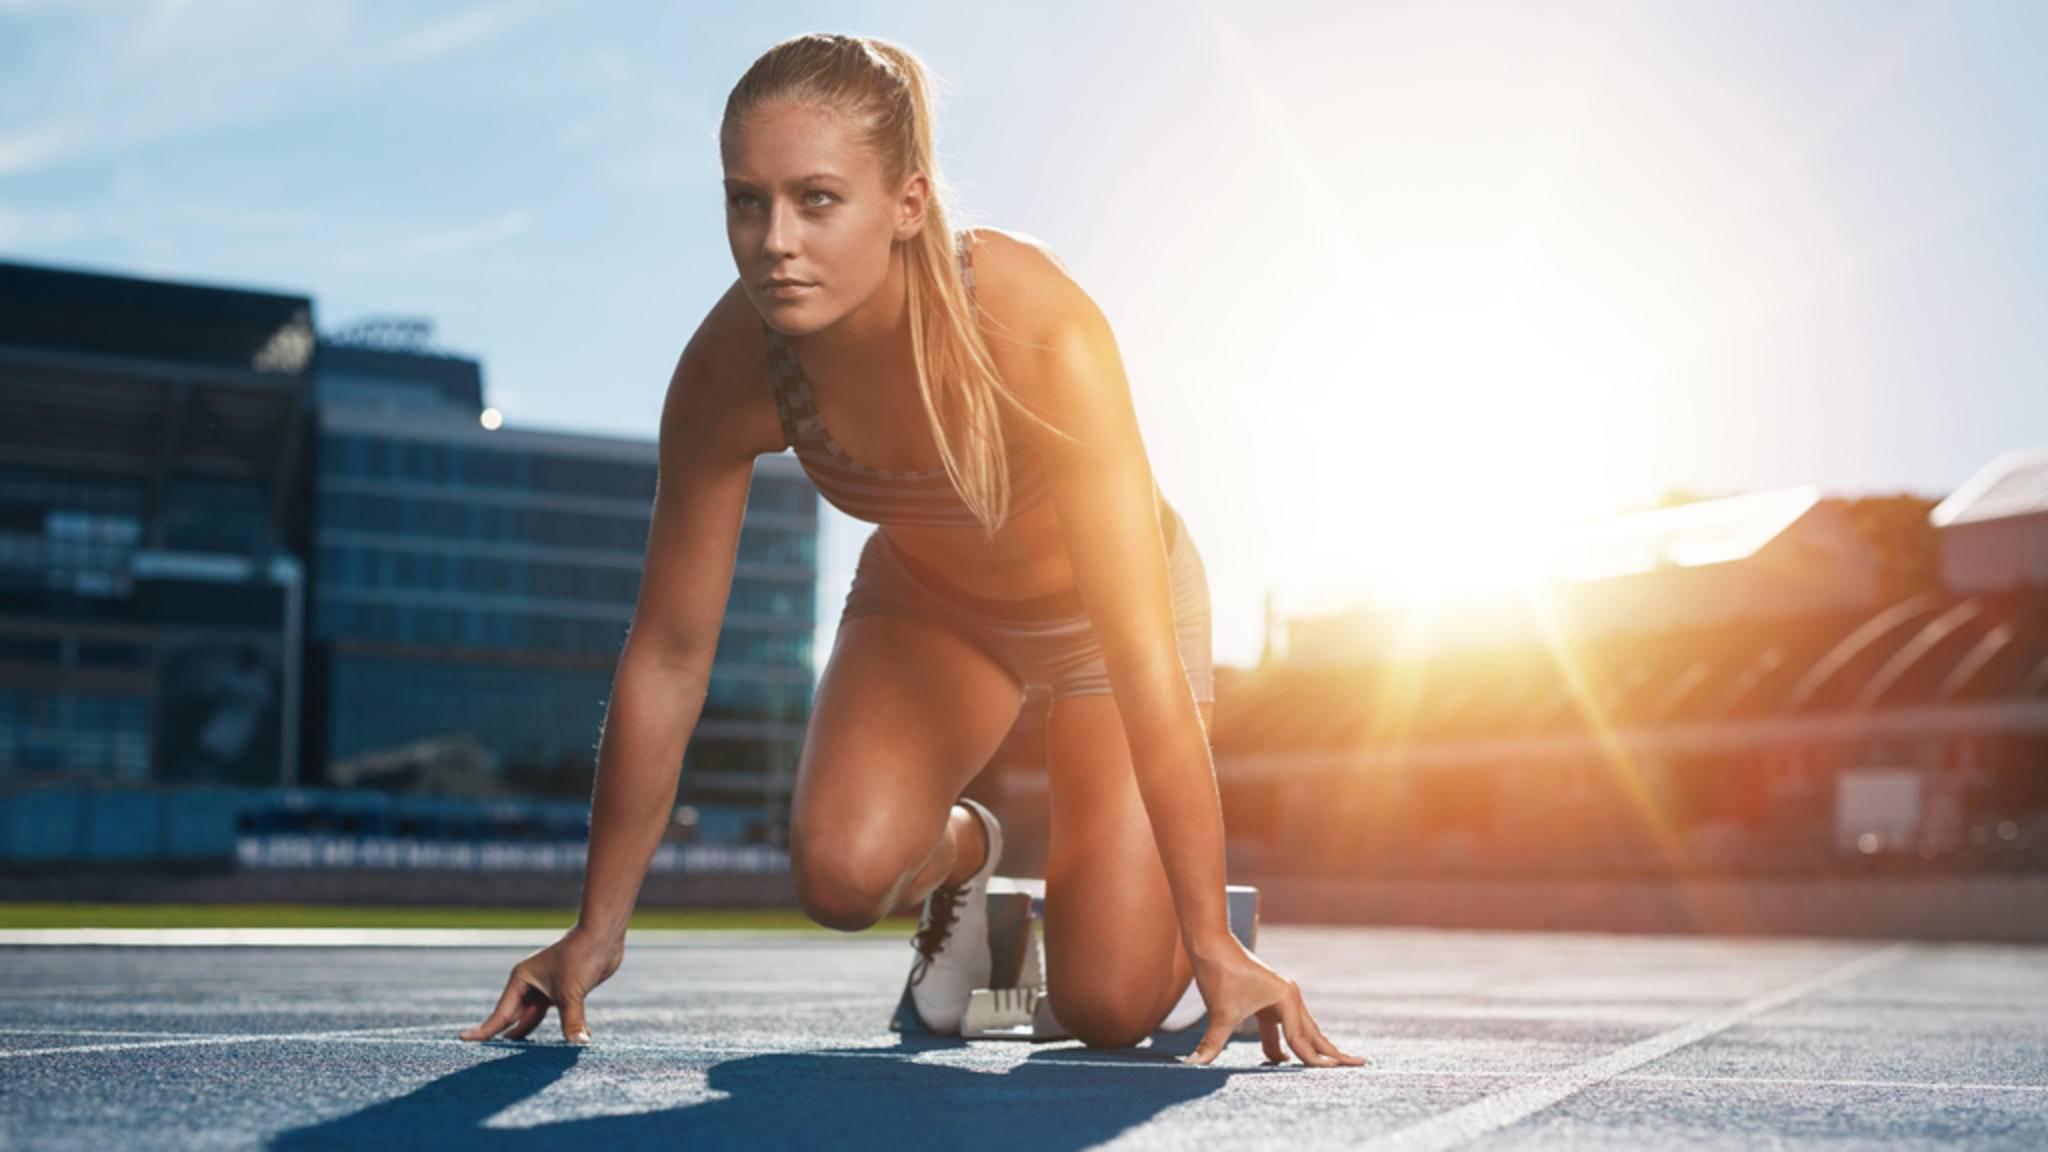 Jawku soll die Leistung von Läufern verbessern.